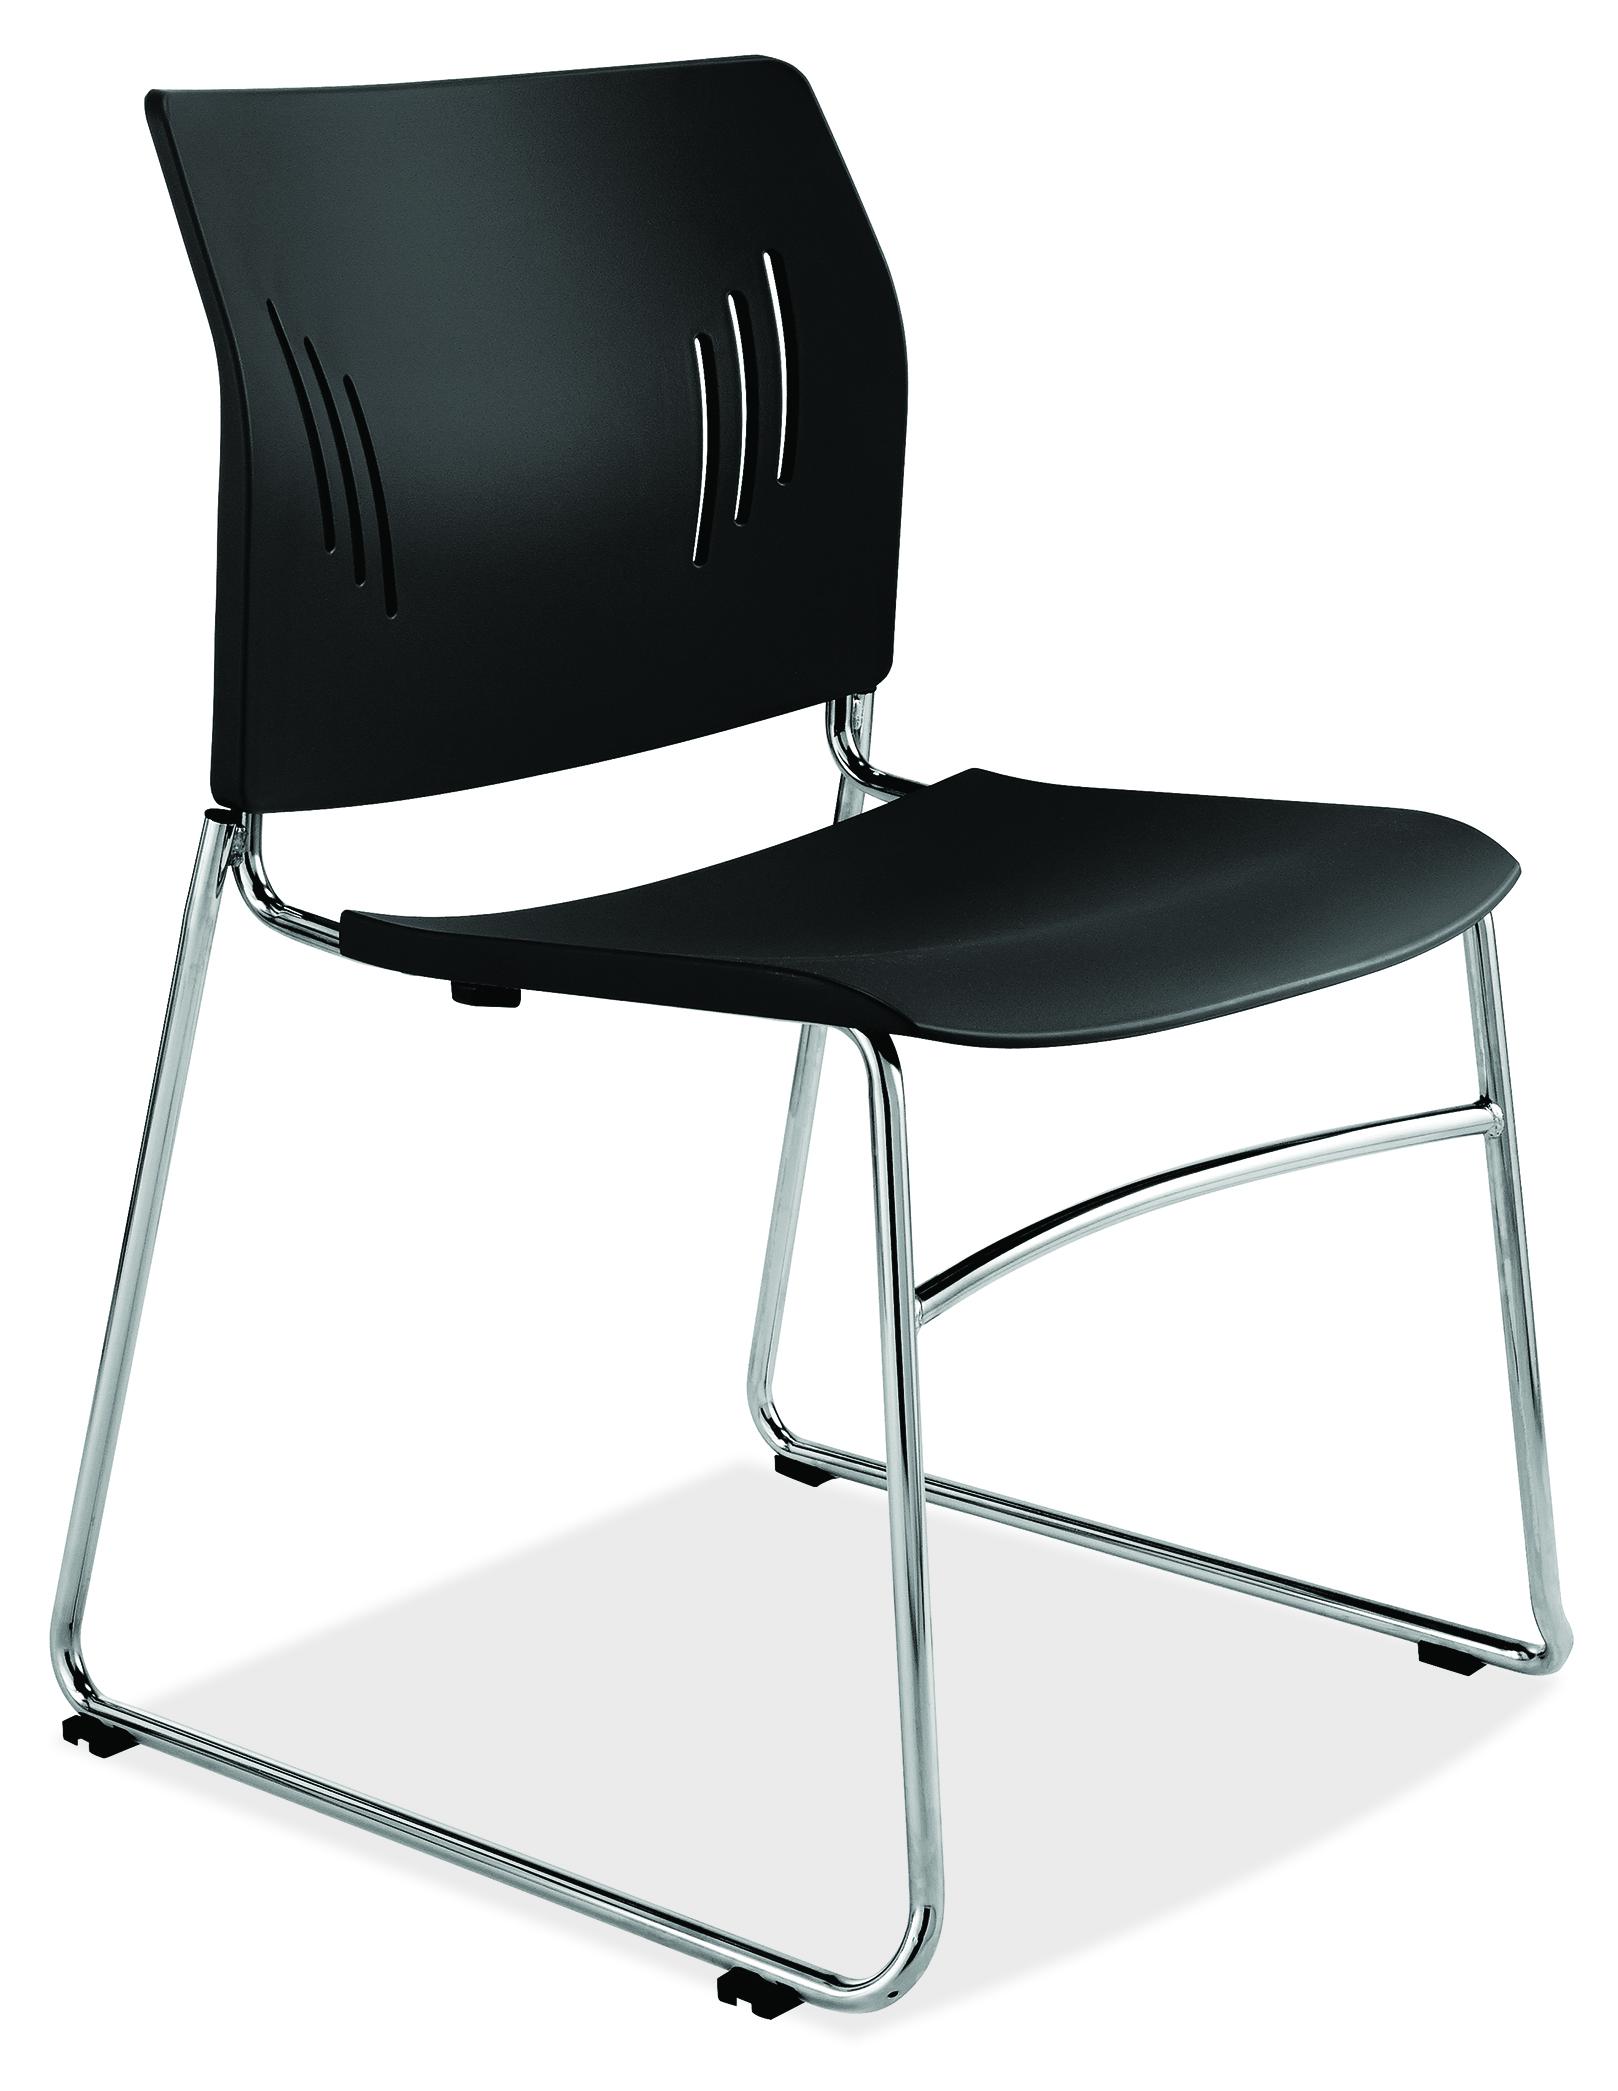 Breakroom Chair 3